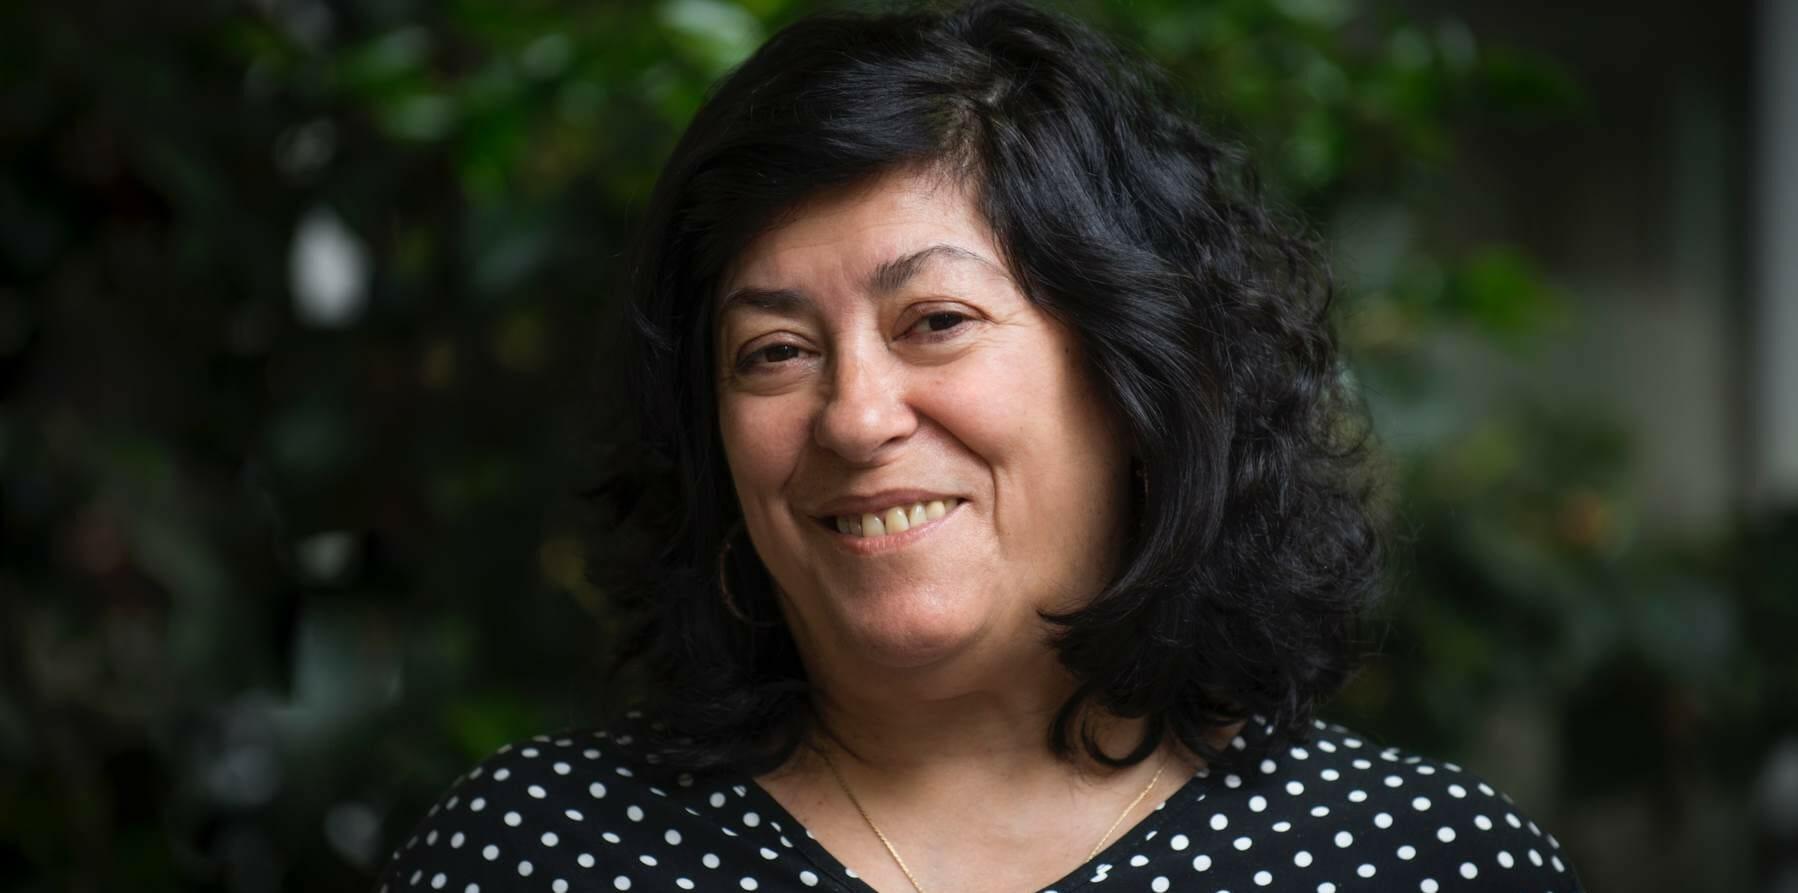 """""""La figlia ideale"""": Almudena Grandes racconta un manicomio femminile della Spagna franchista"""